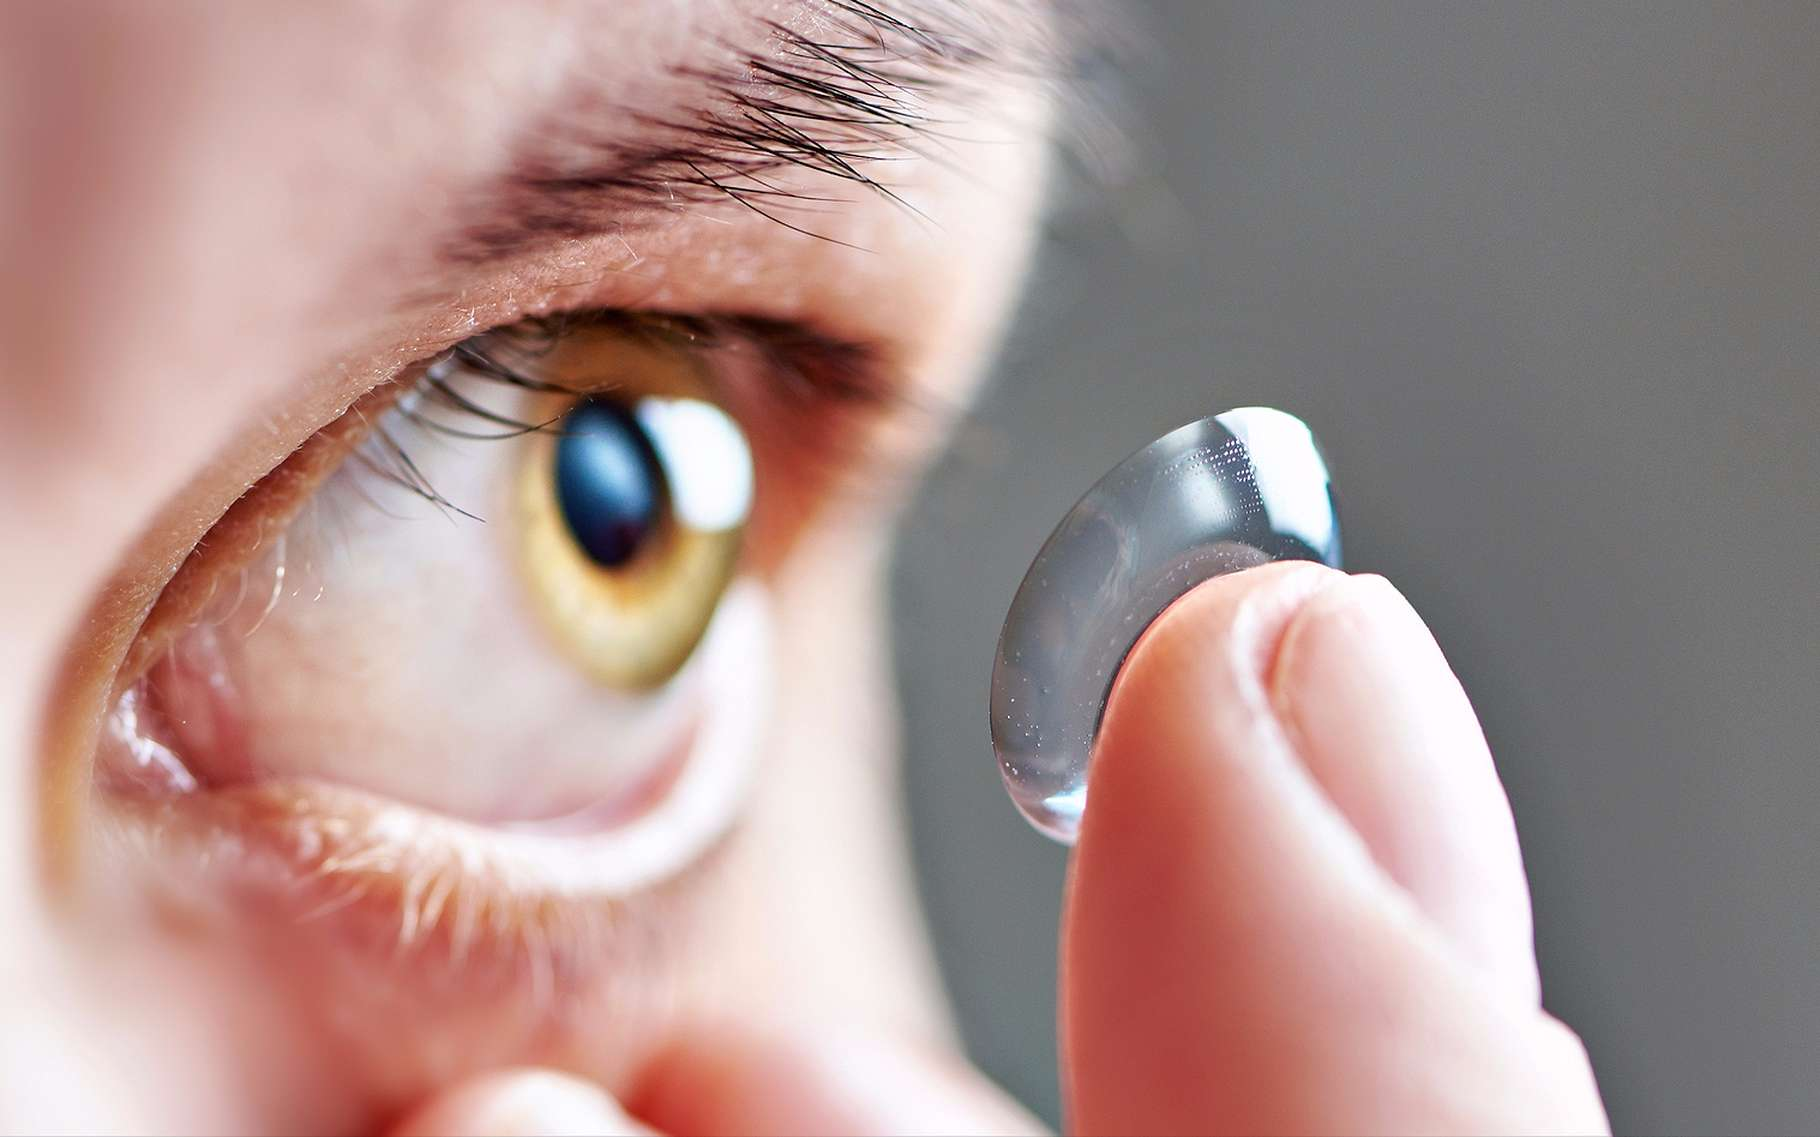 Si les yeux sont trops secs, mieux vaut ne pas porter de lentilles de contact. © Sergey Ryzhov, Shutterstock